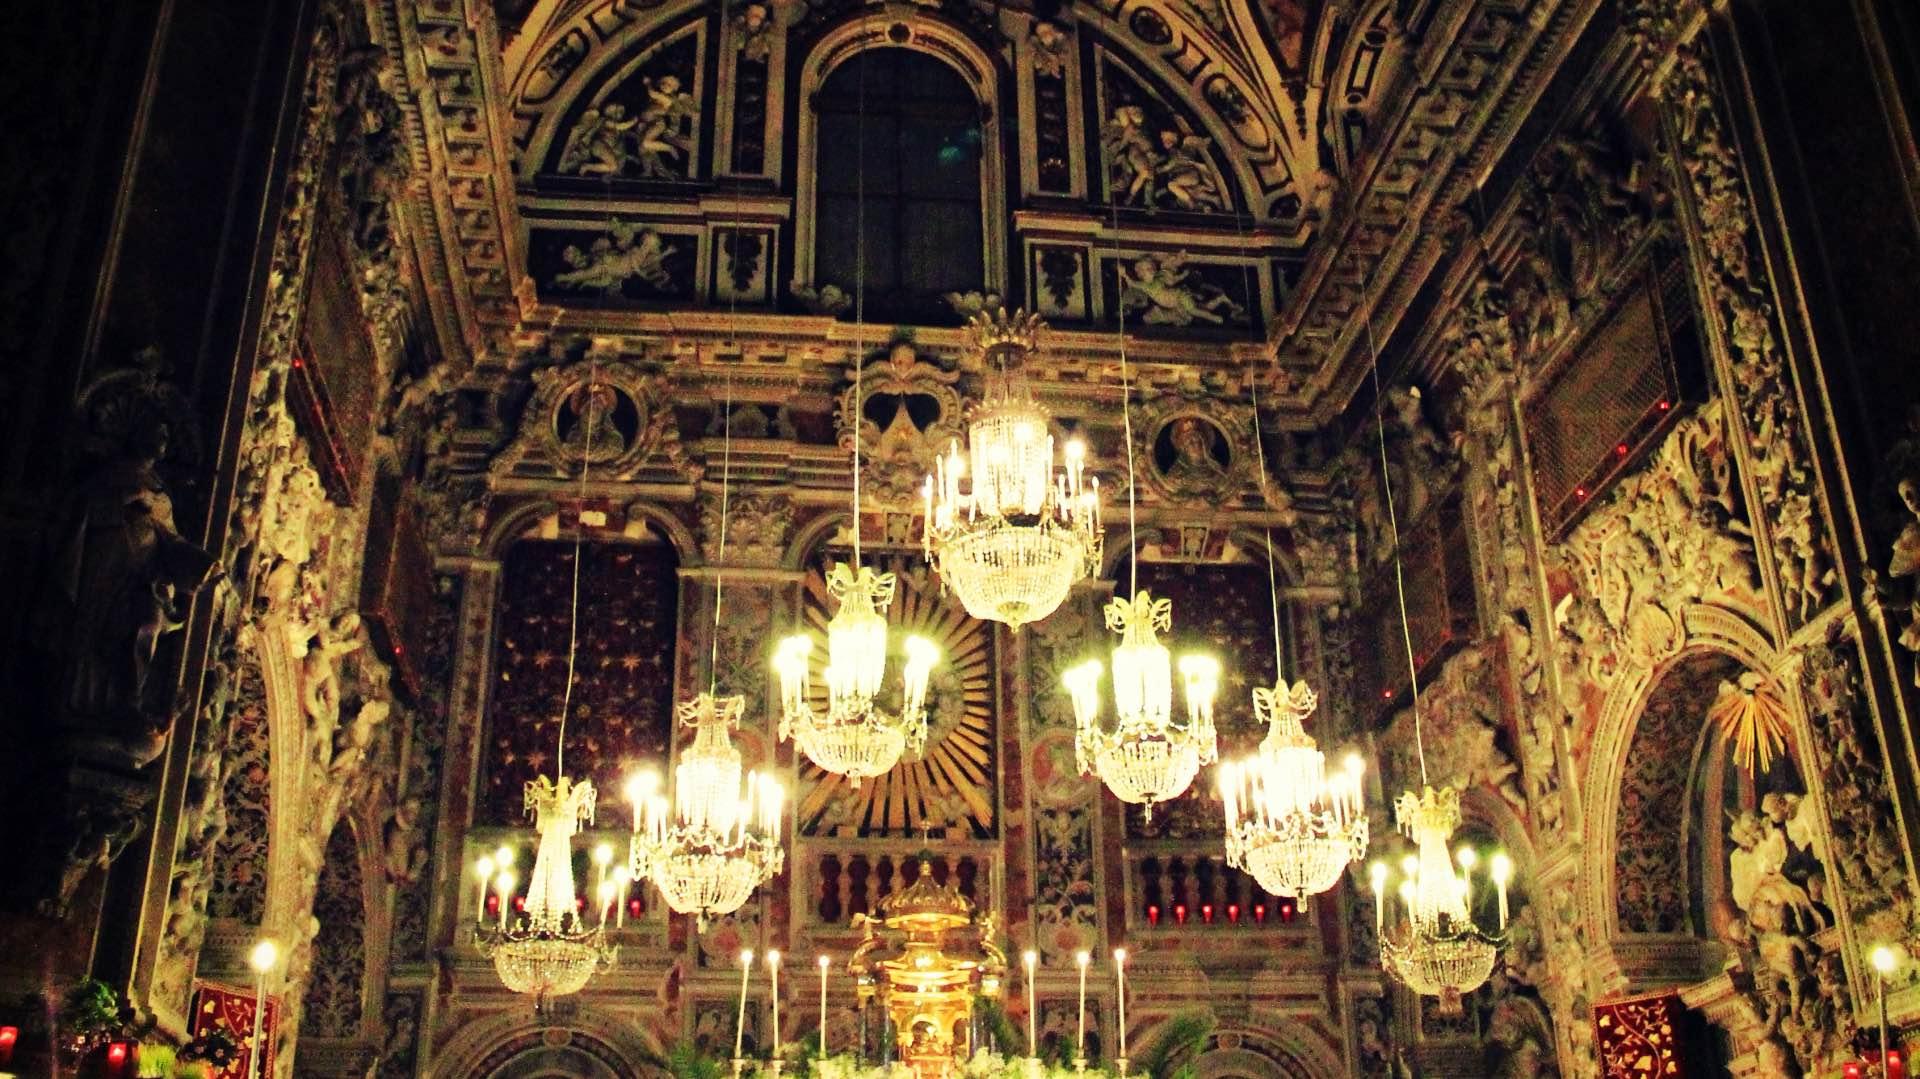 Tripudio di musica, suoni e immagini a Santa Caterina